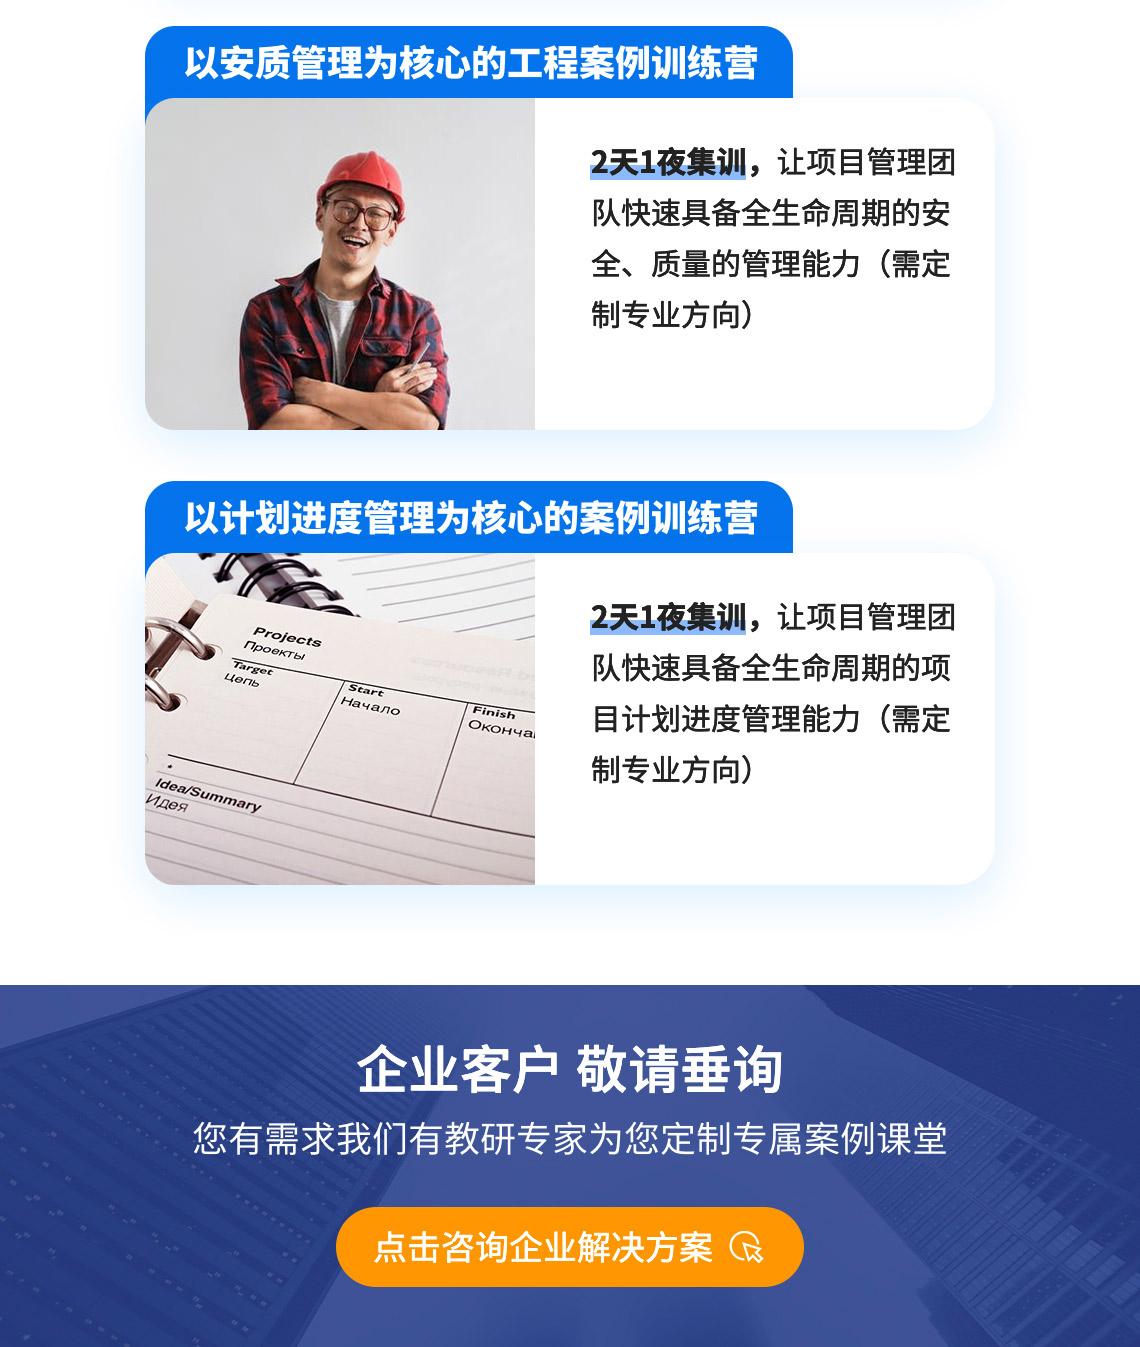 业主单位,投资平台,房地产企业等的工程管理部门和项目部